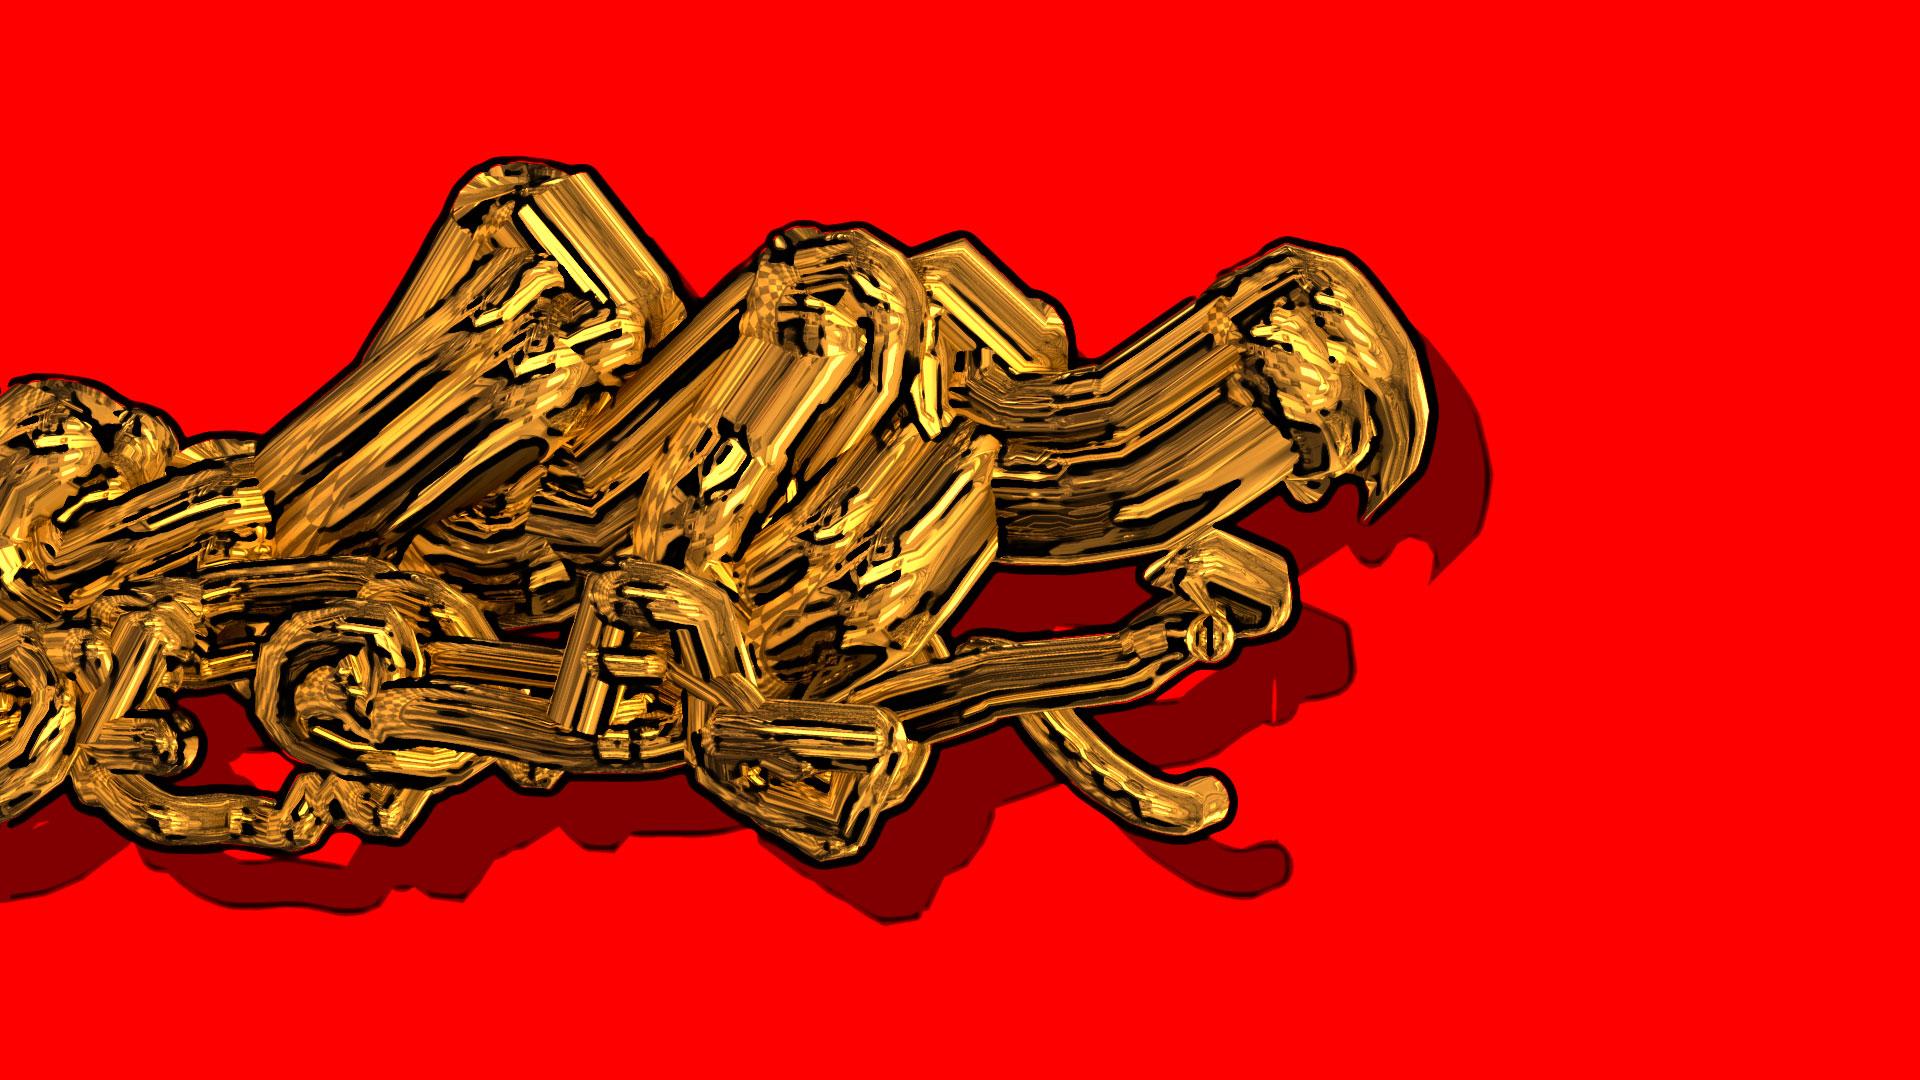 tao-run-the-jewels-long-(0-01-56-28).jpg